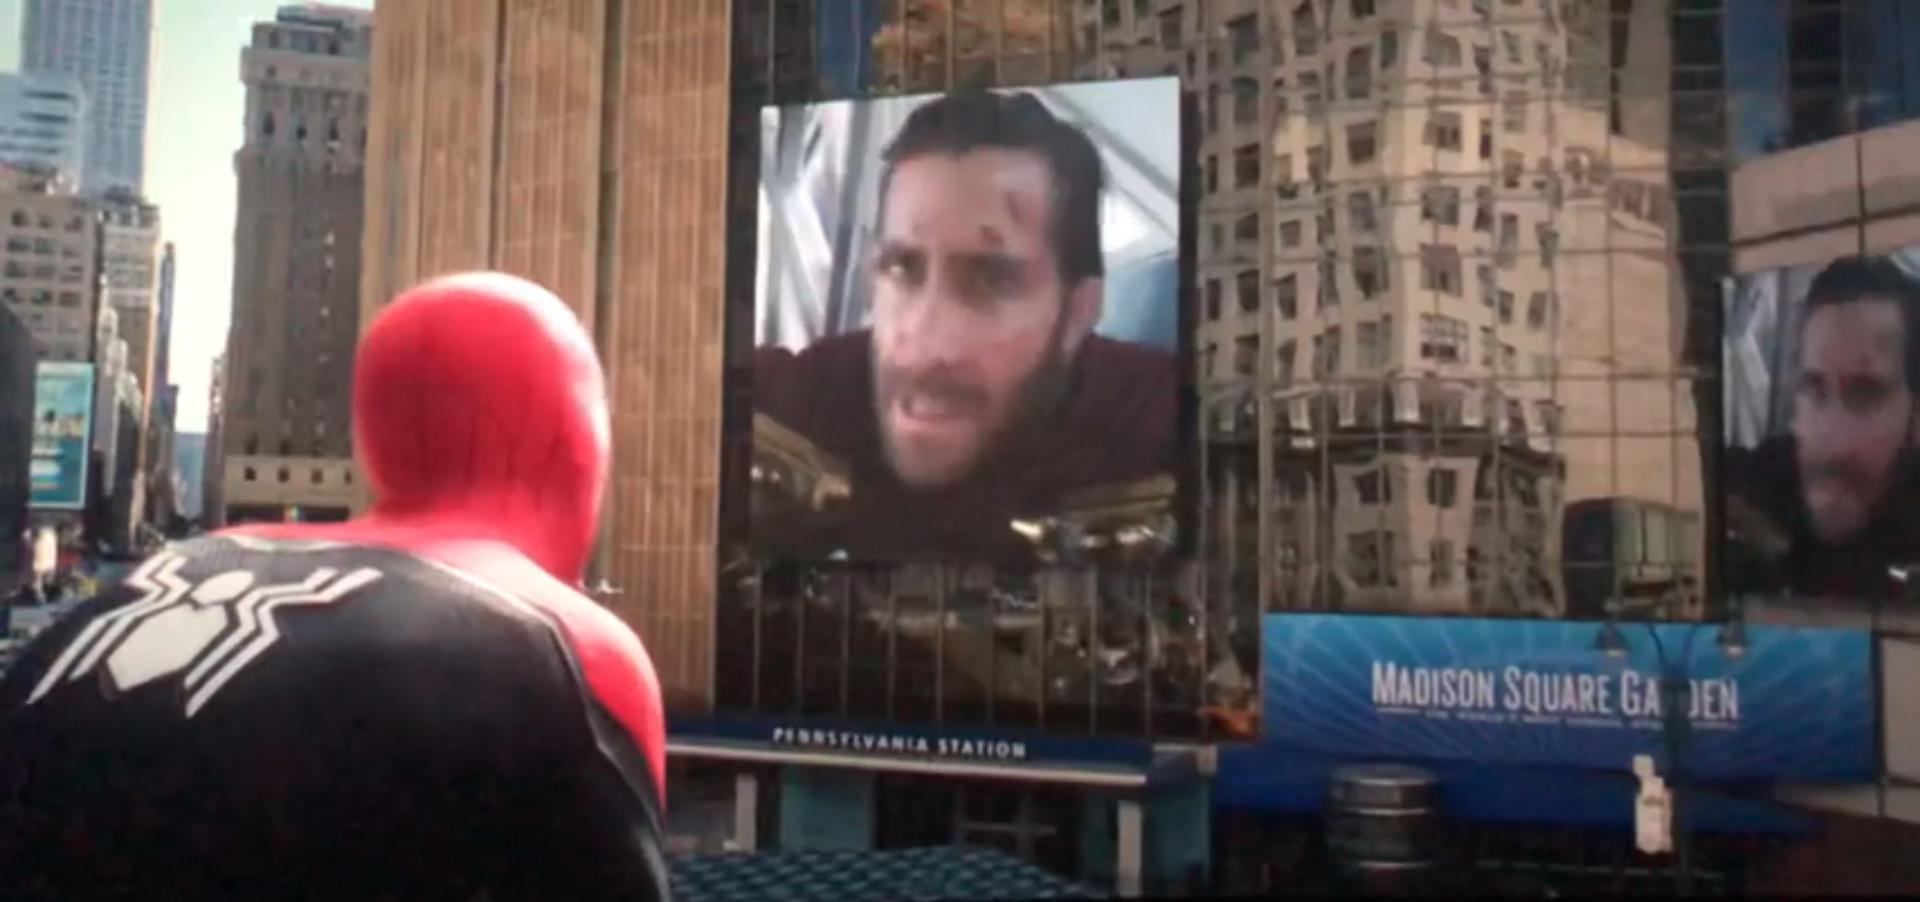 Spider-Man: Far From Home tố cáo mặt trái của truyền thông: Bọn họ sẽ được thấy thứ mà tôi muốn họ thấy - Ảnh 9.